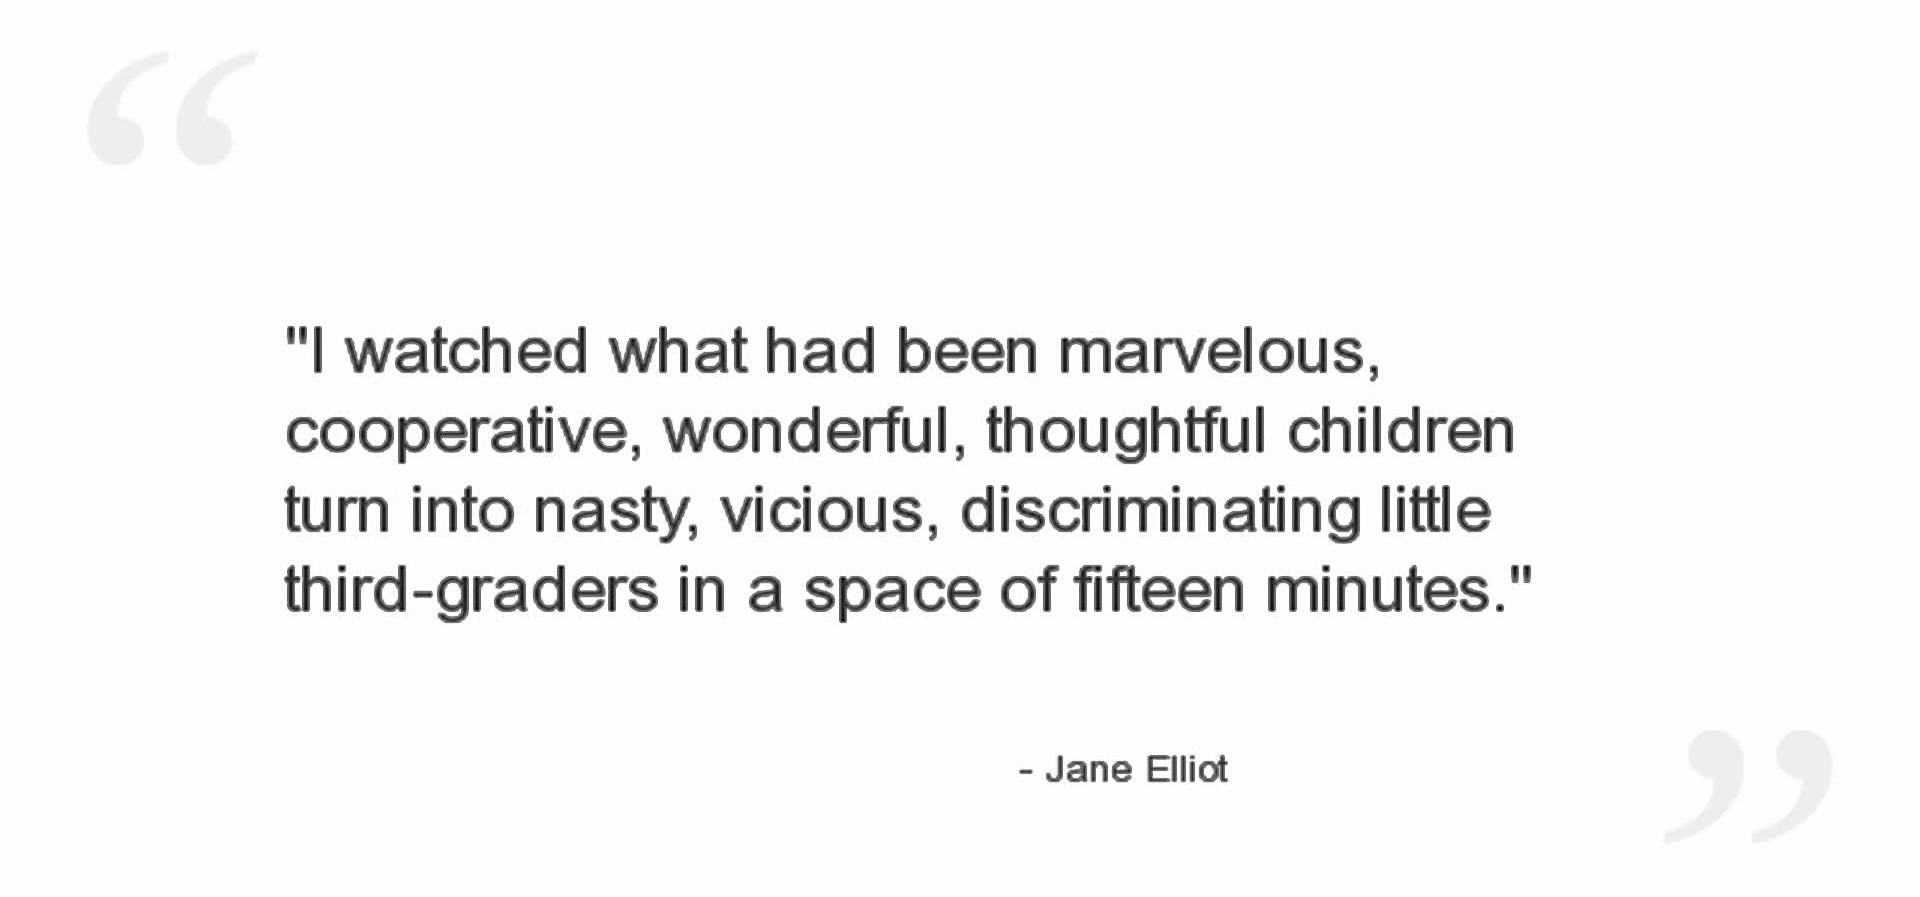 [VIDEO] A Class Divided: Jane Elliott Experiment